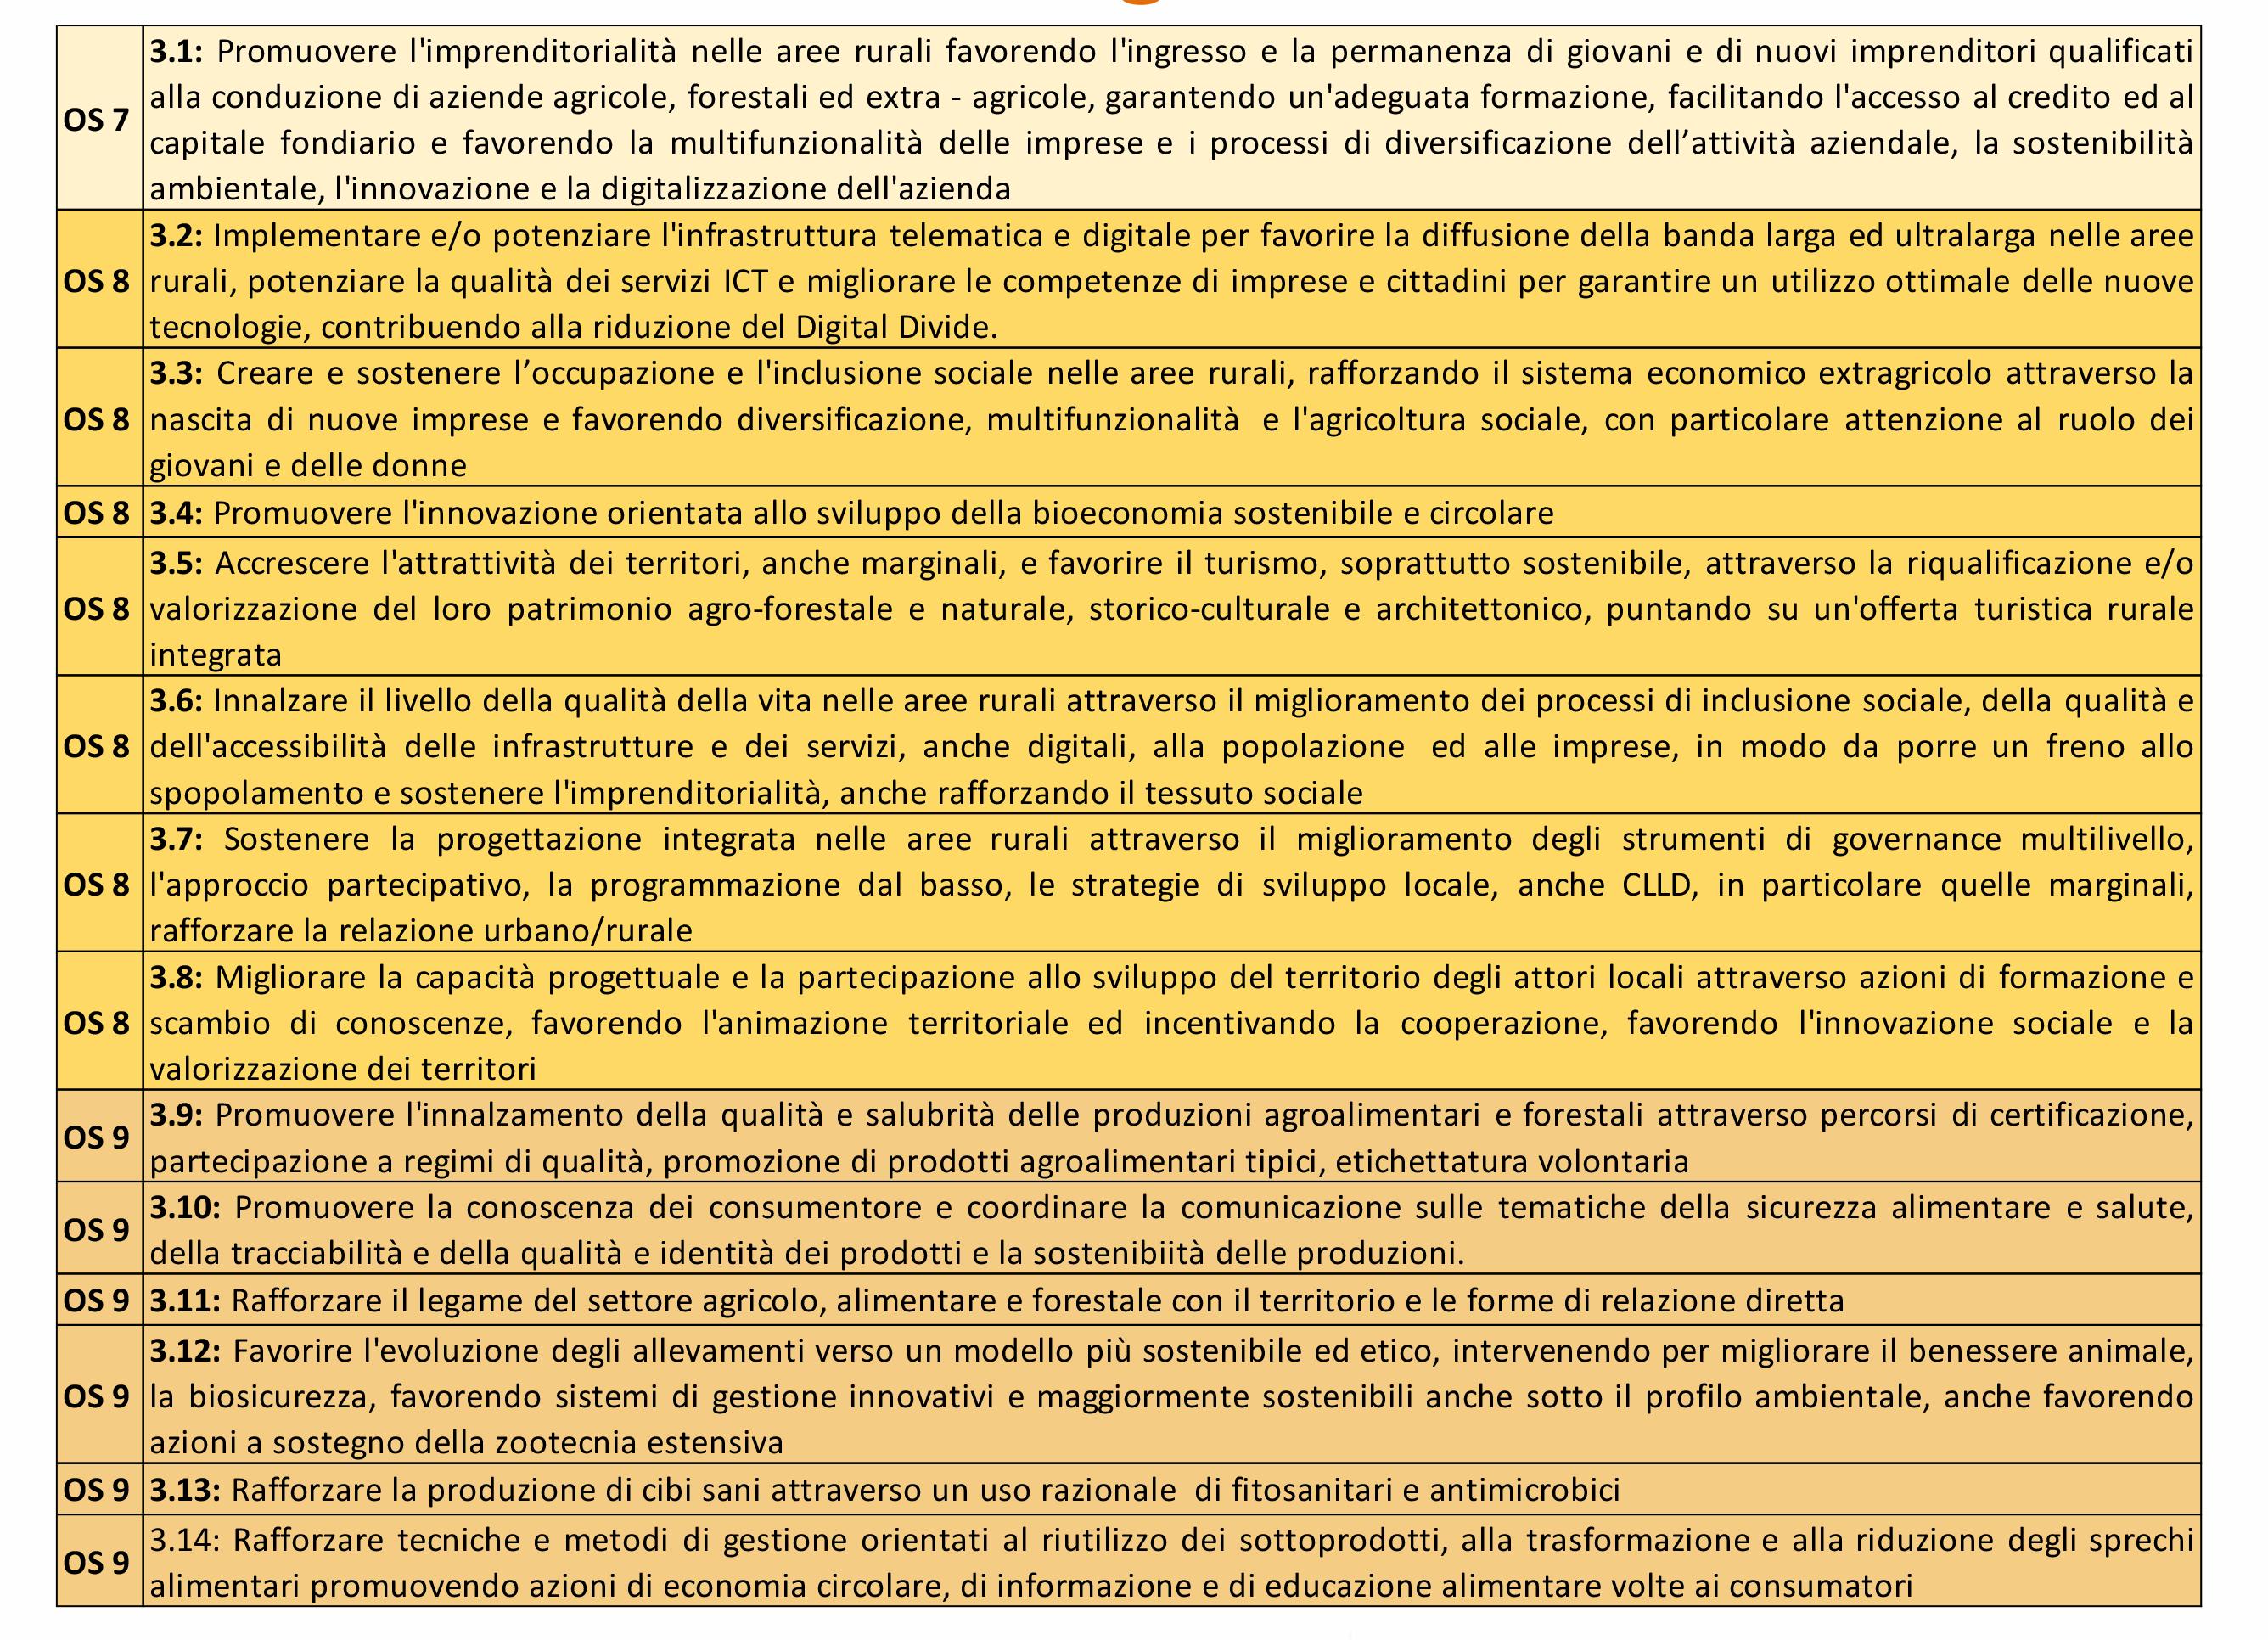 grafico con gli obiettivi strategici dell'obiettivo generale 3